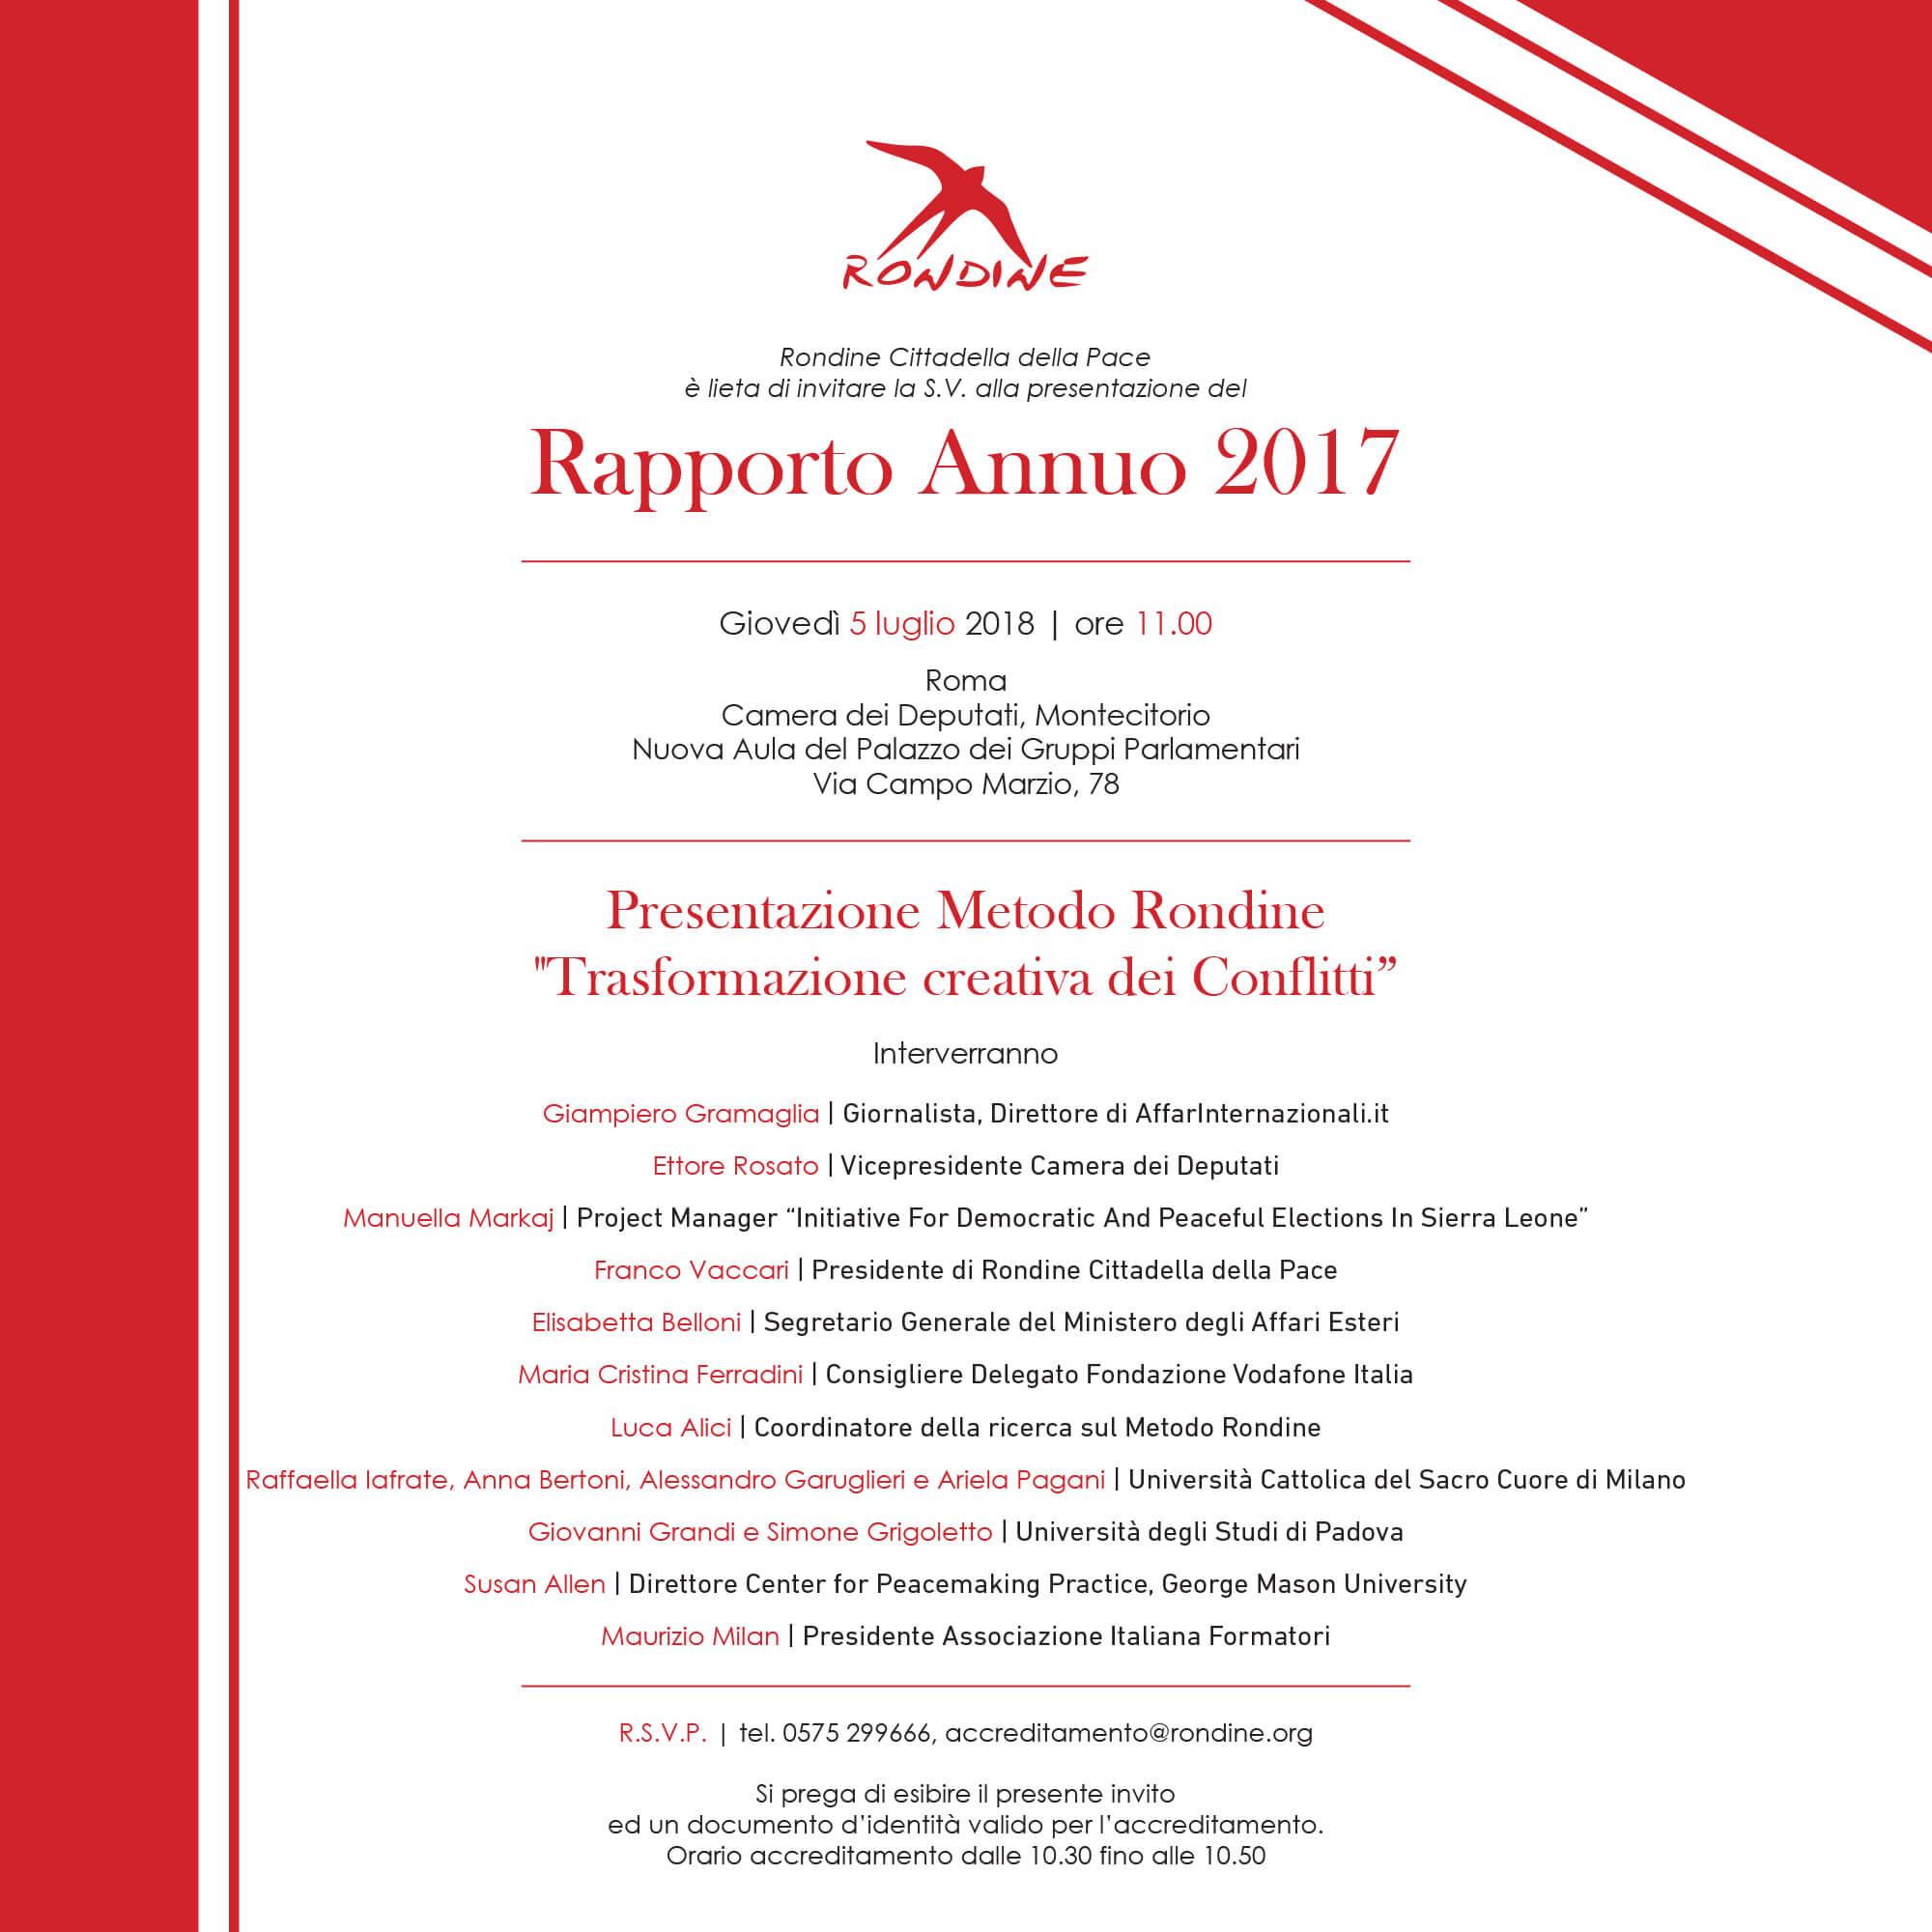 Rapporto Annuo Rondine 2017